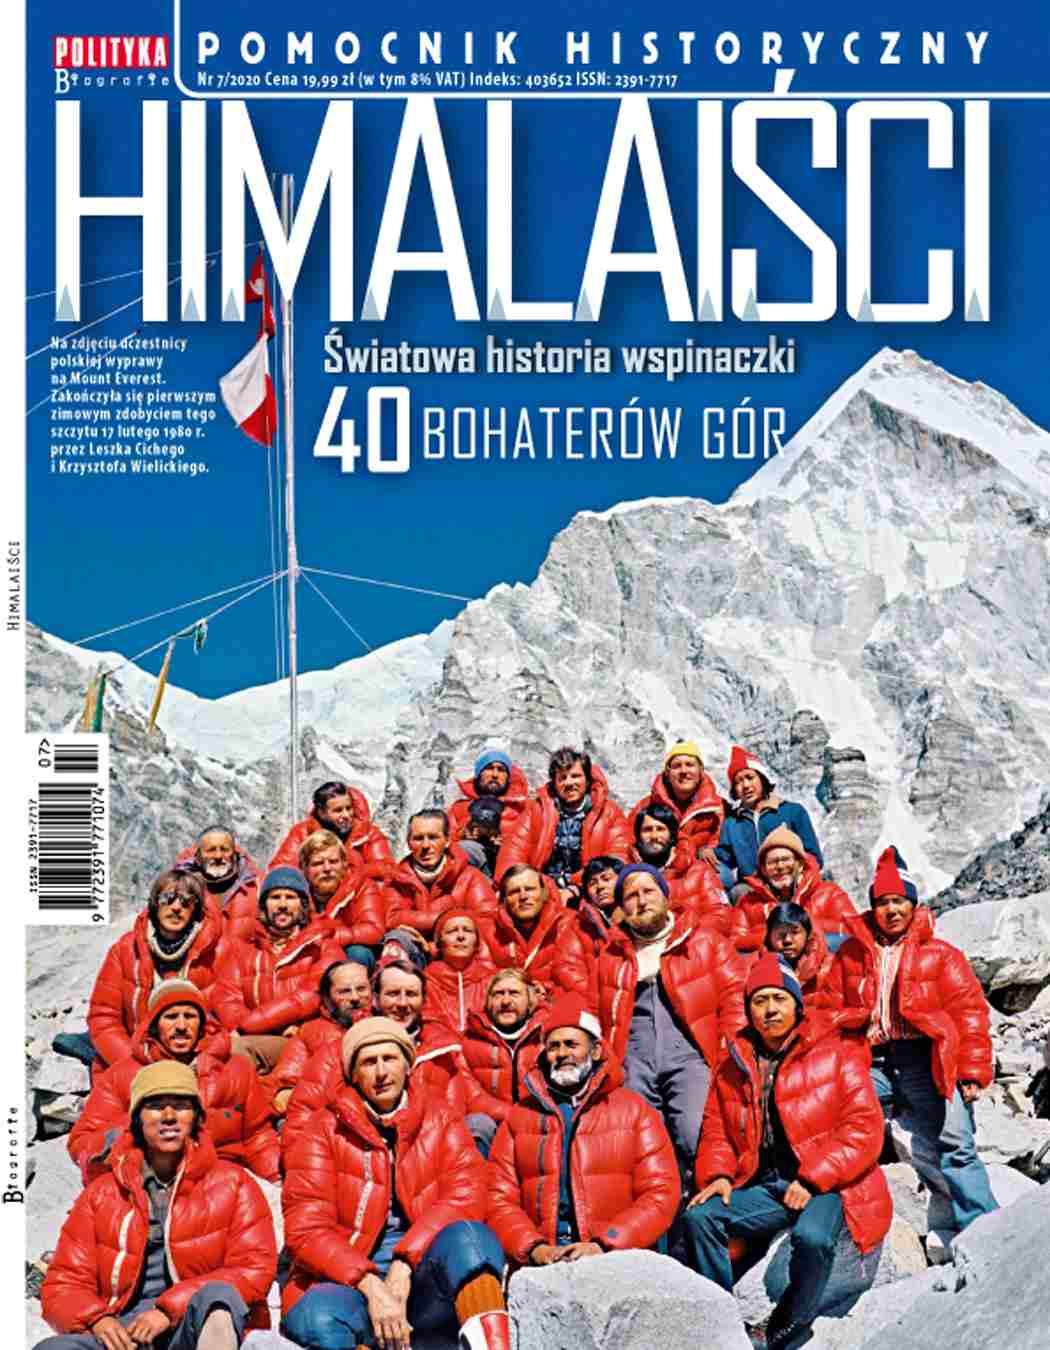 Pomocnik Historyczny. Himalaiści 7/2020 - Ebook (Książka PDF) do pobrania w formacie PDF